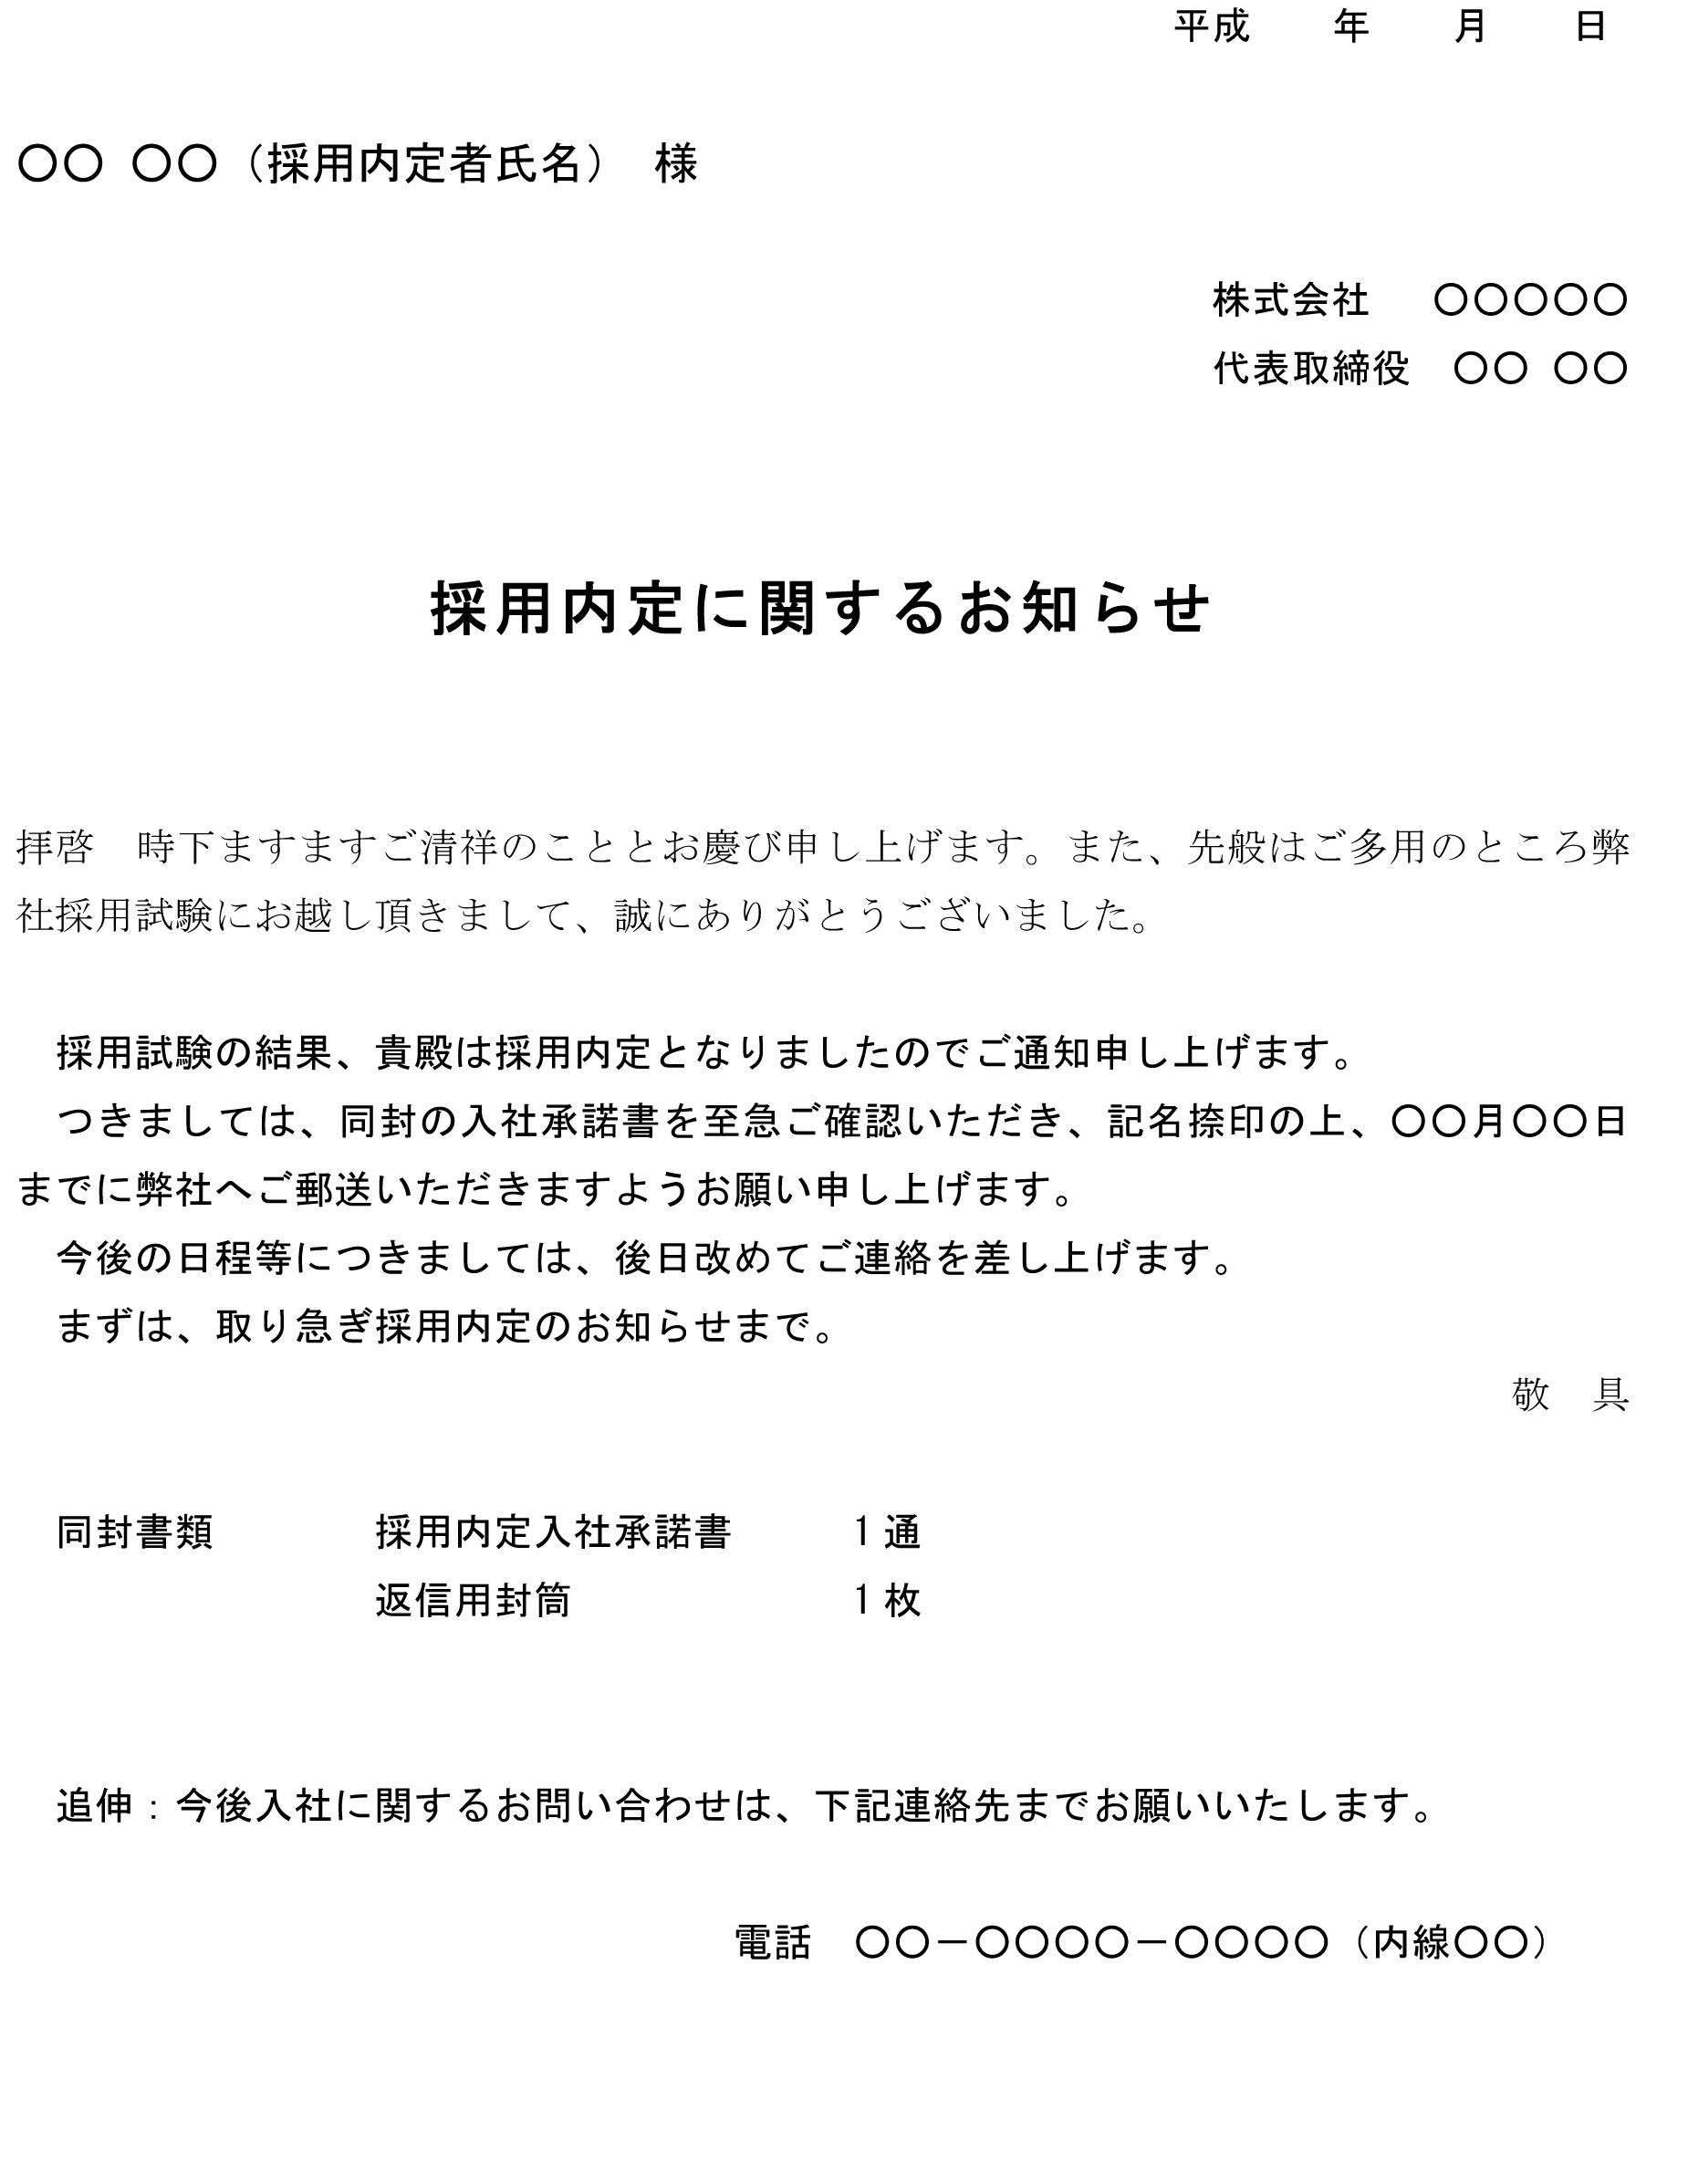 採用通知書(同封書類の記入あり)